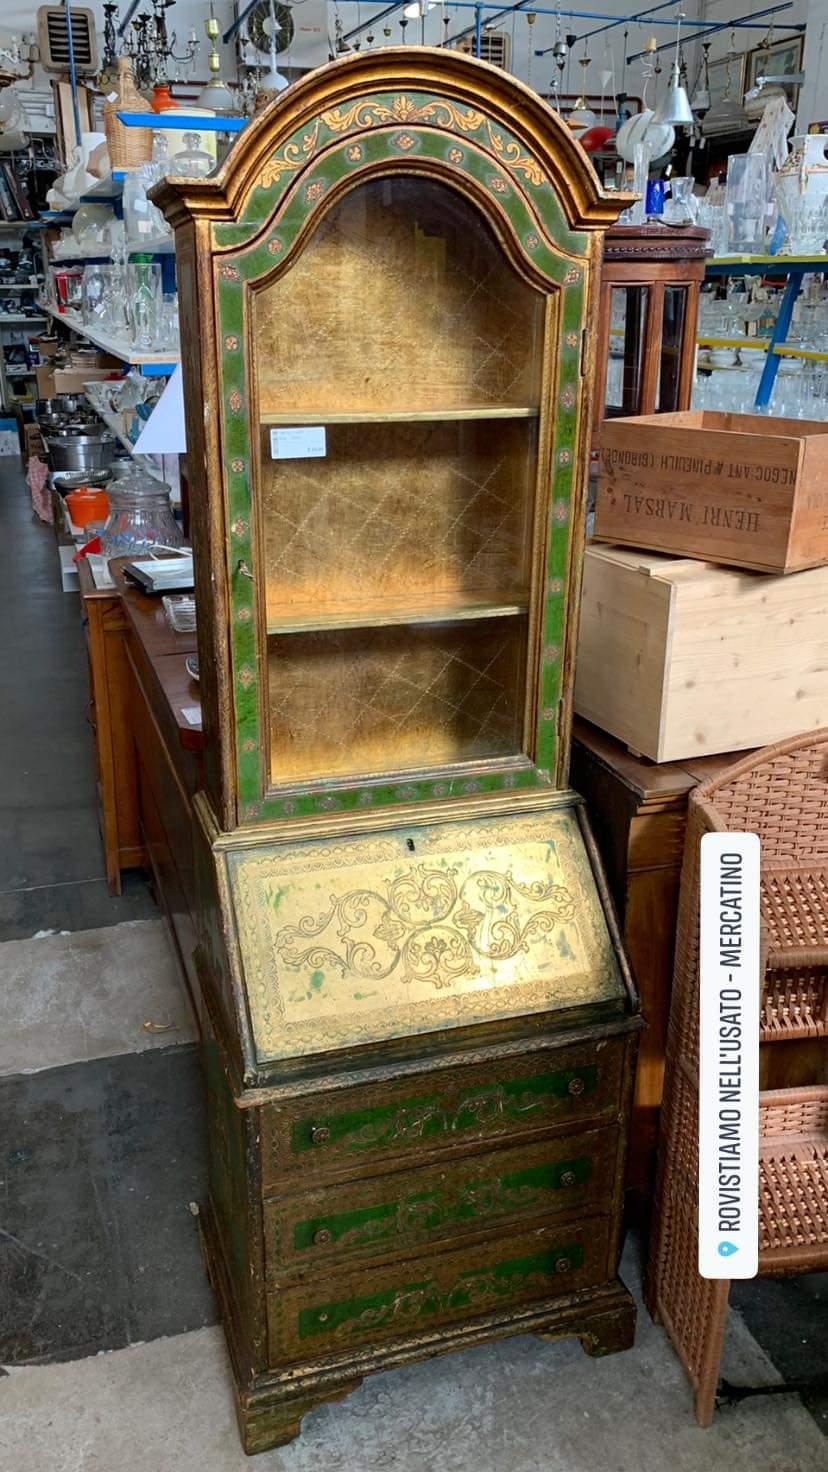 Da salotto tavolini antichi mobili usati antichimobili usati.stile veneziano. Mobili Rovistiamo Nell Usato Forli Mercatino Dell Usato Con Acquisti E Vendita Al Dettaglio